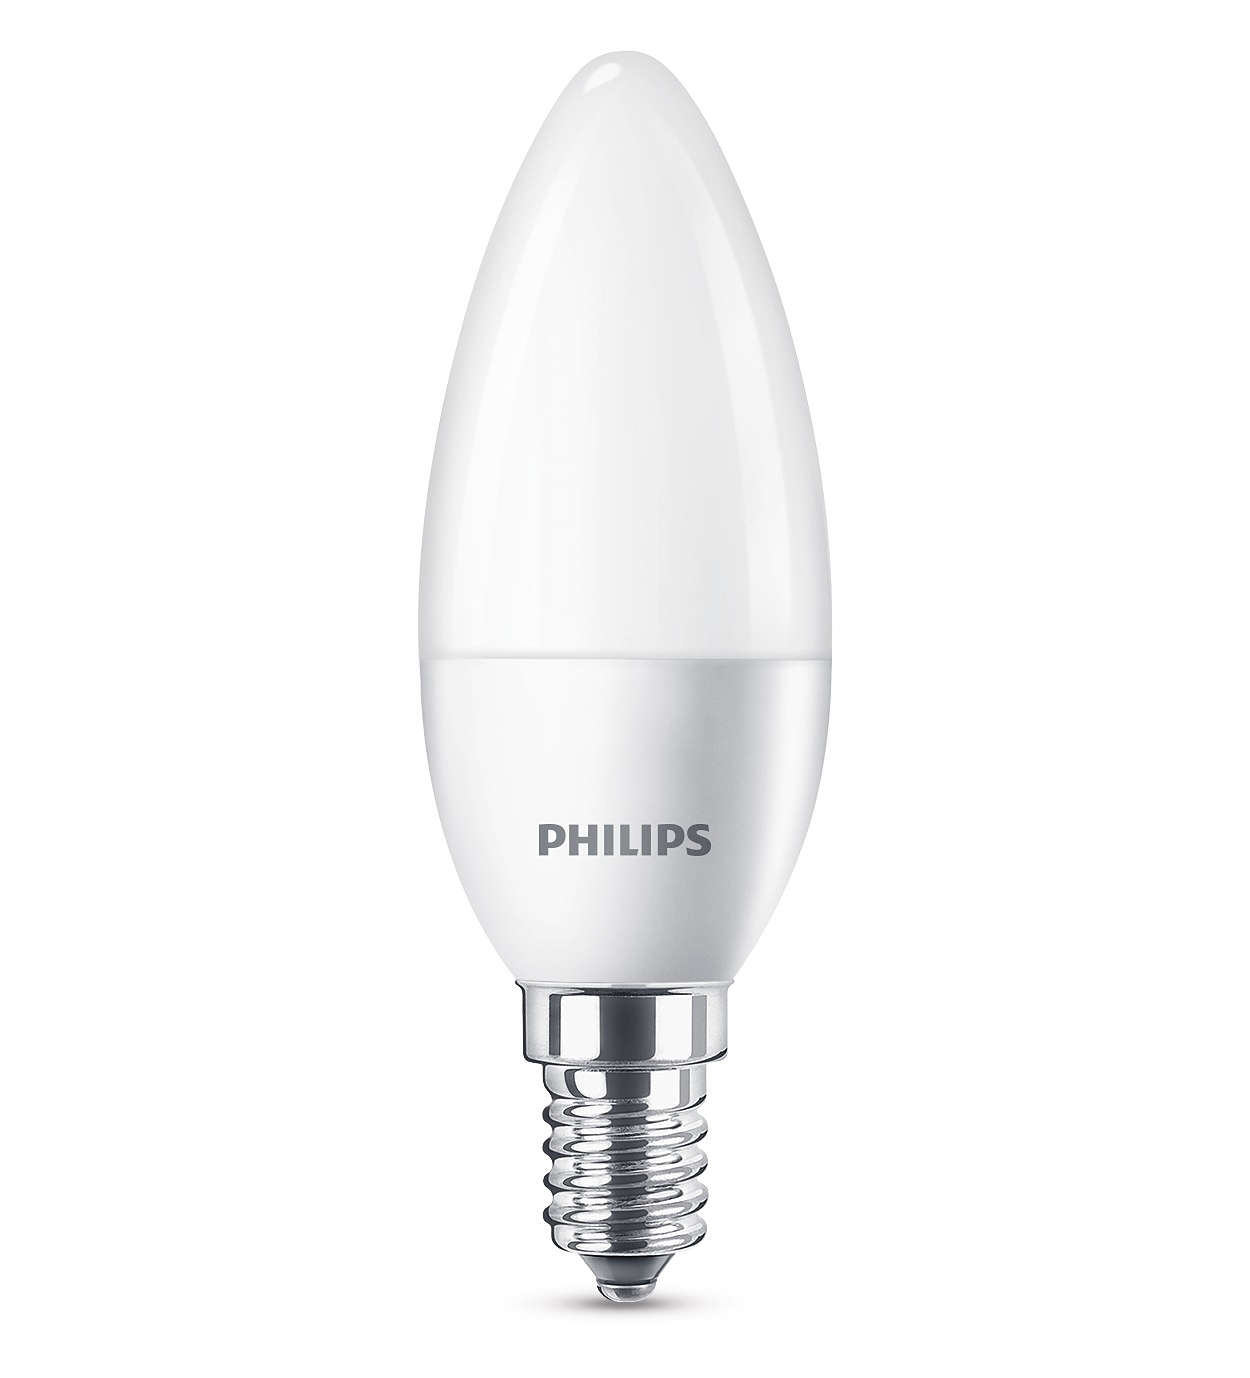 Холодный белый свет, непревзойденное качество освещения